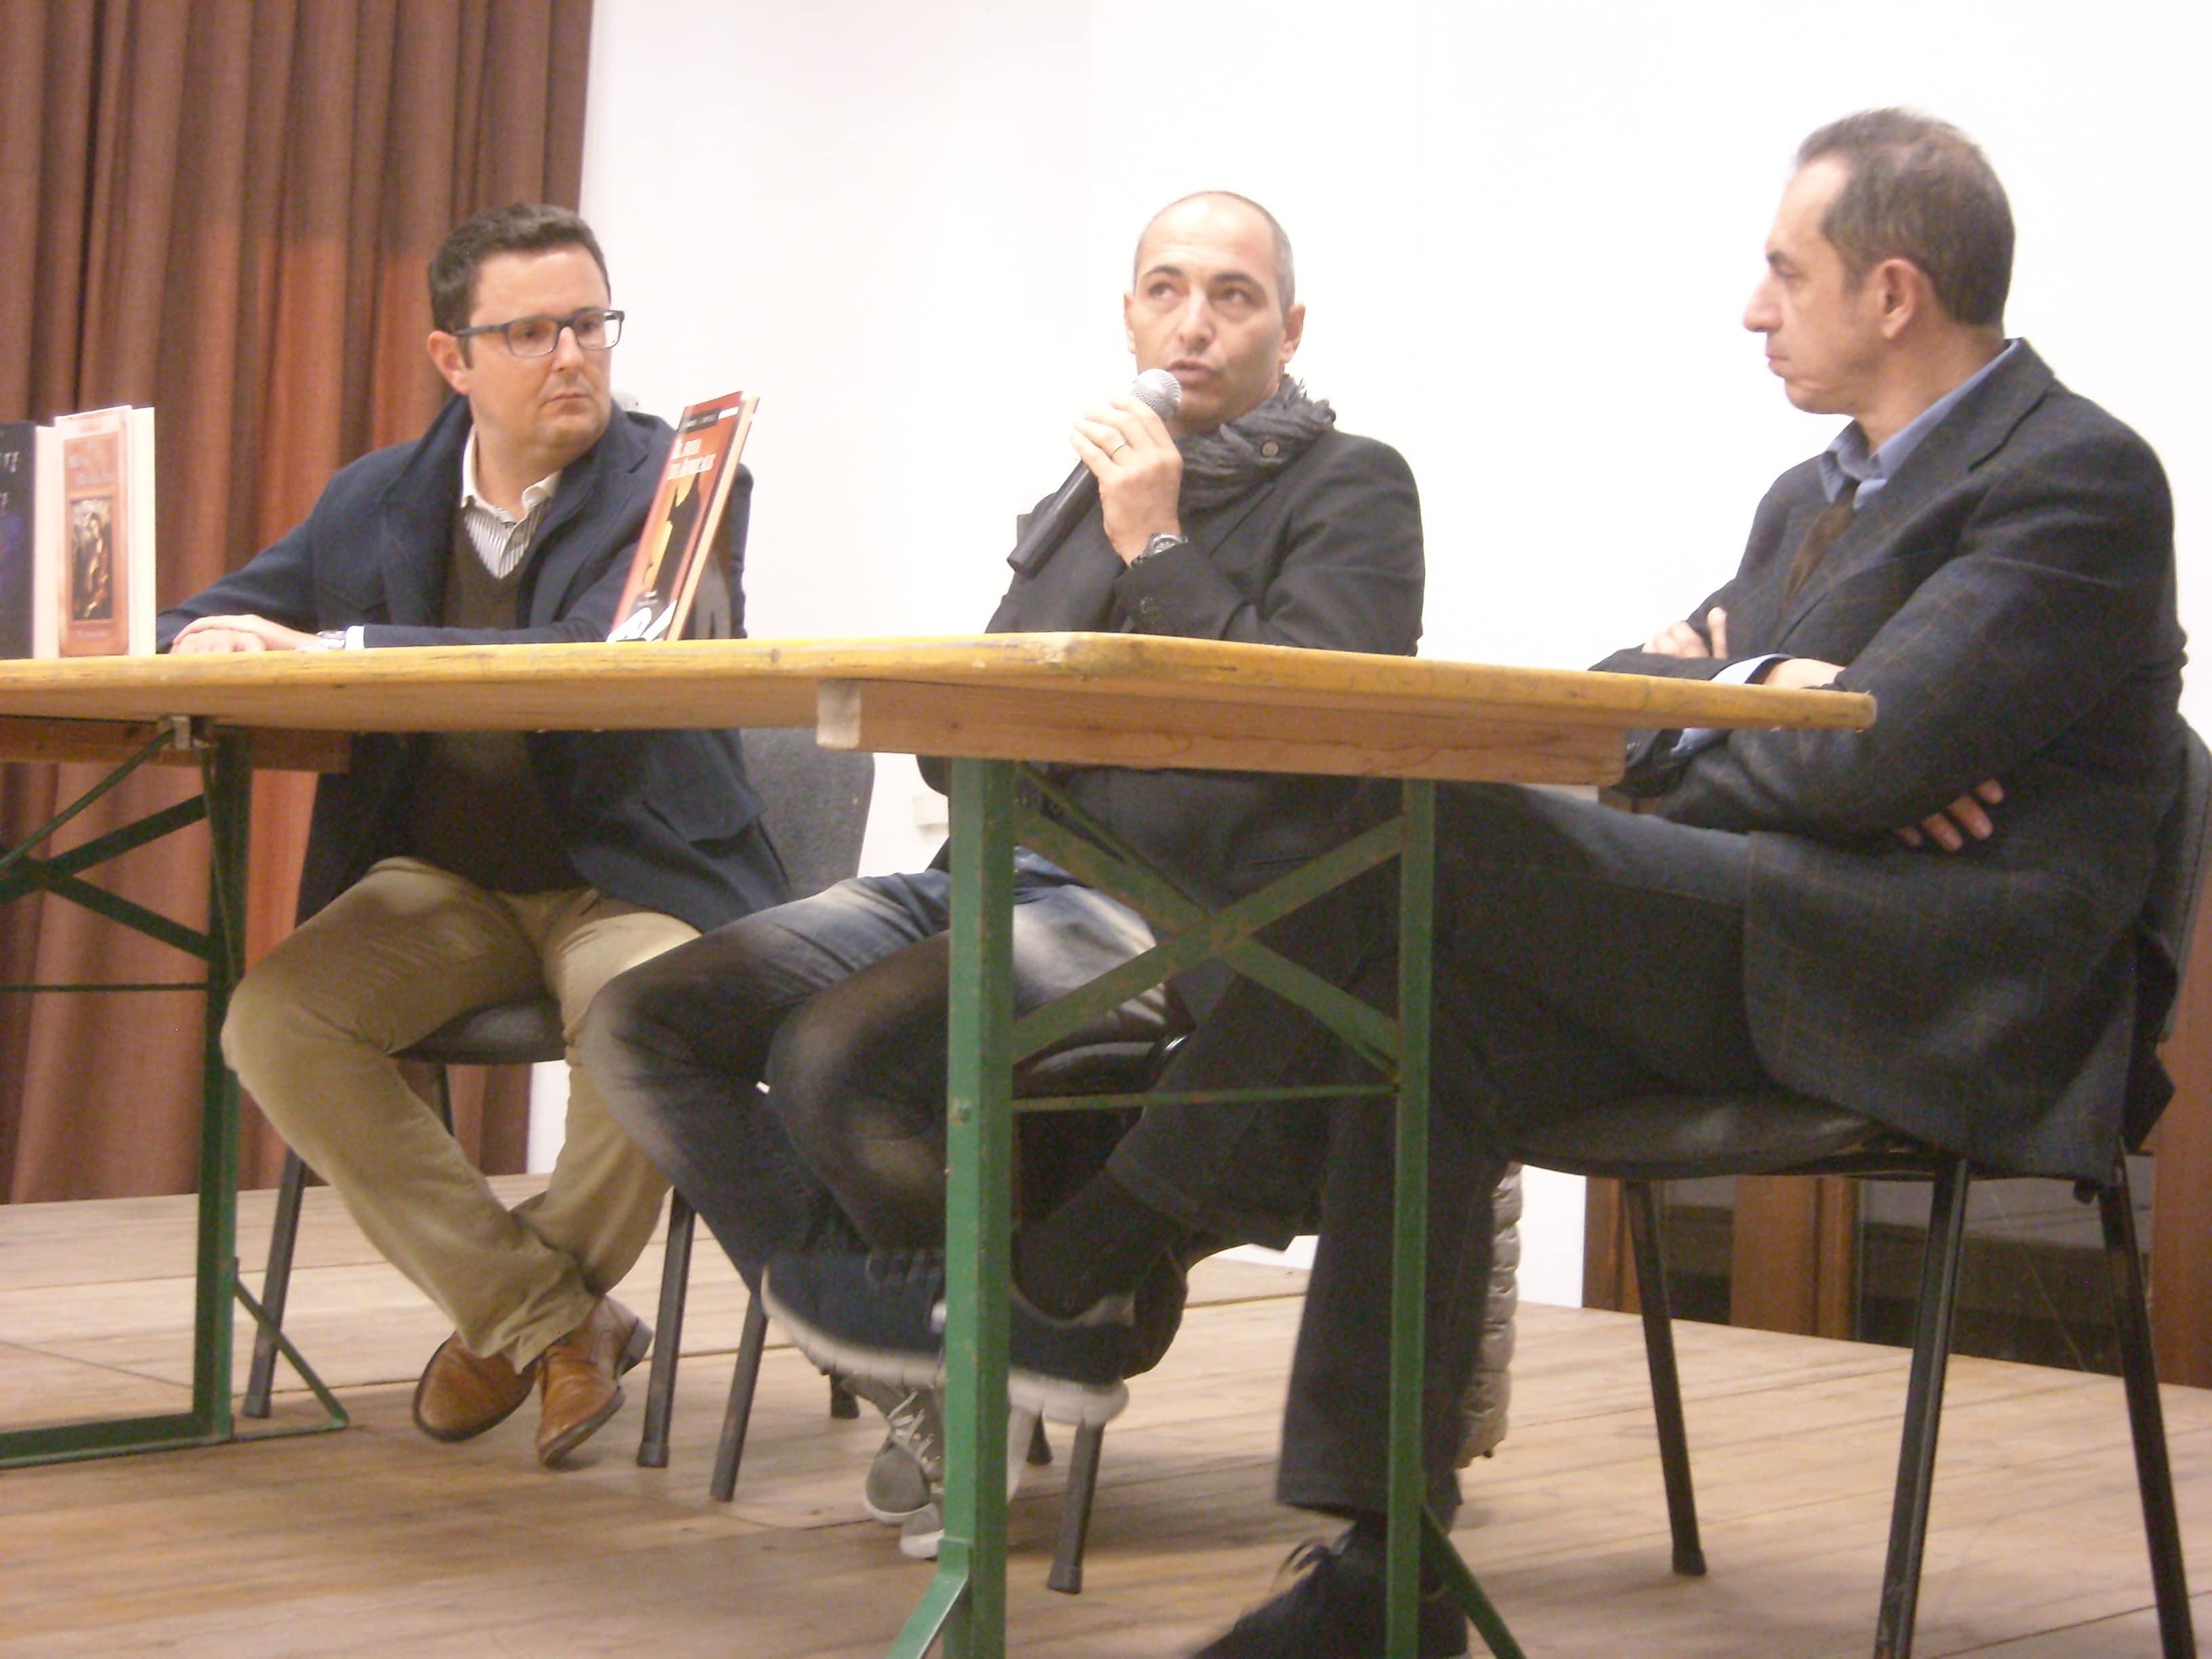 """Incontri letterari alla """"Piccola"""" fino al 12 dicembre con Restelli, Colt, Trapani-Beschi, Gambarotta, Carassale e Cervone"""